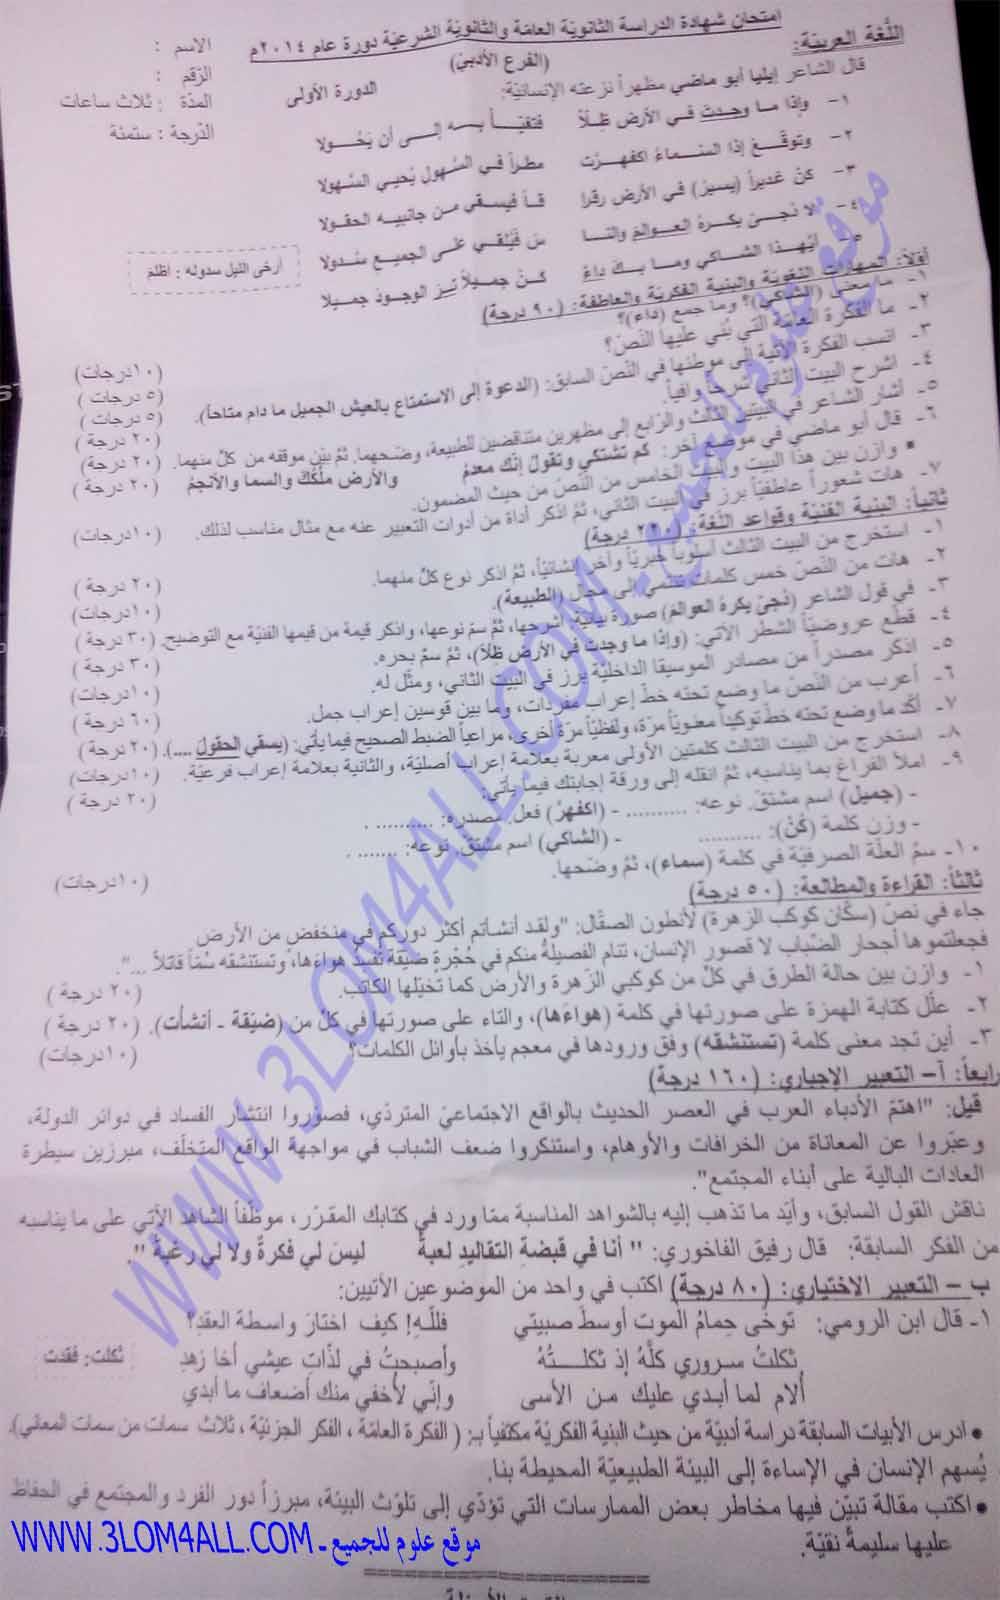 اسئلة امتحان مادة اللغة العربية بكالوريا 2013 سوريا الفرع الأدبي 146218821813.jpg